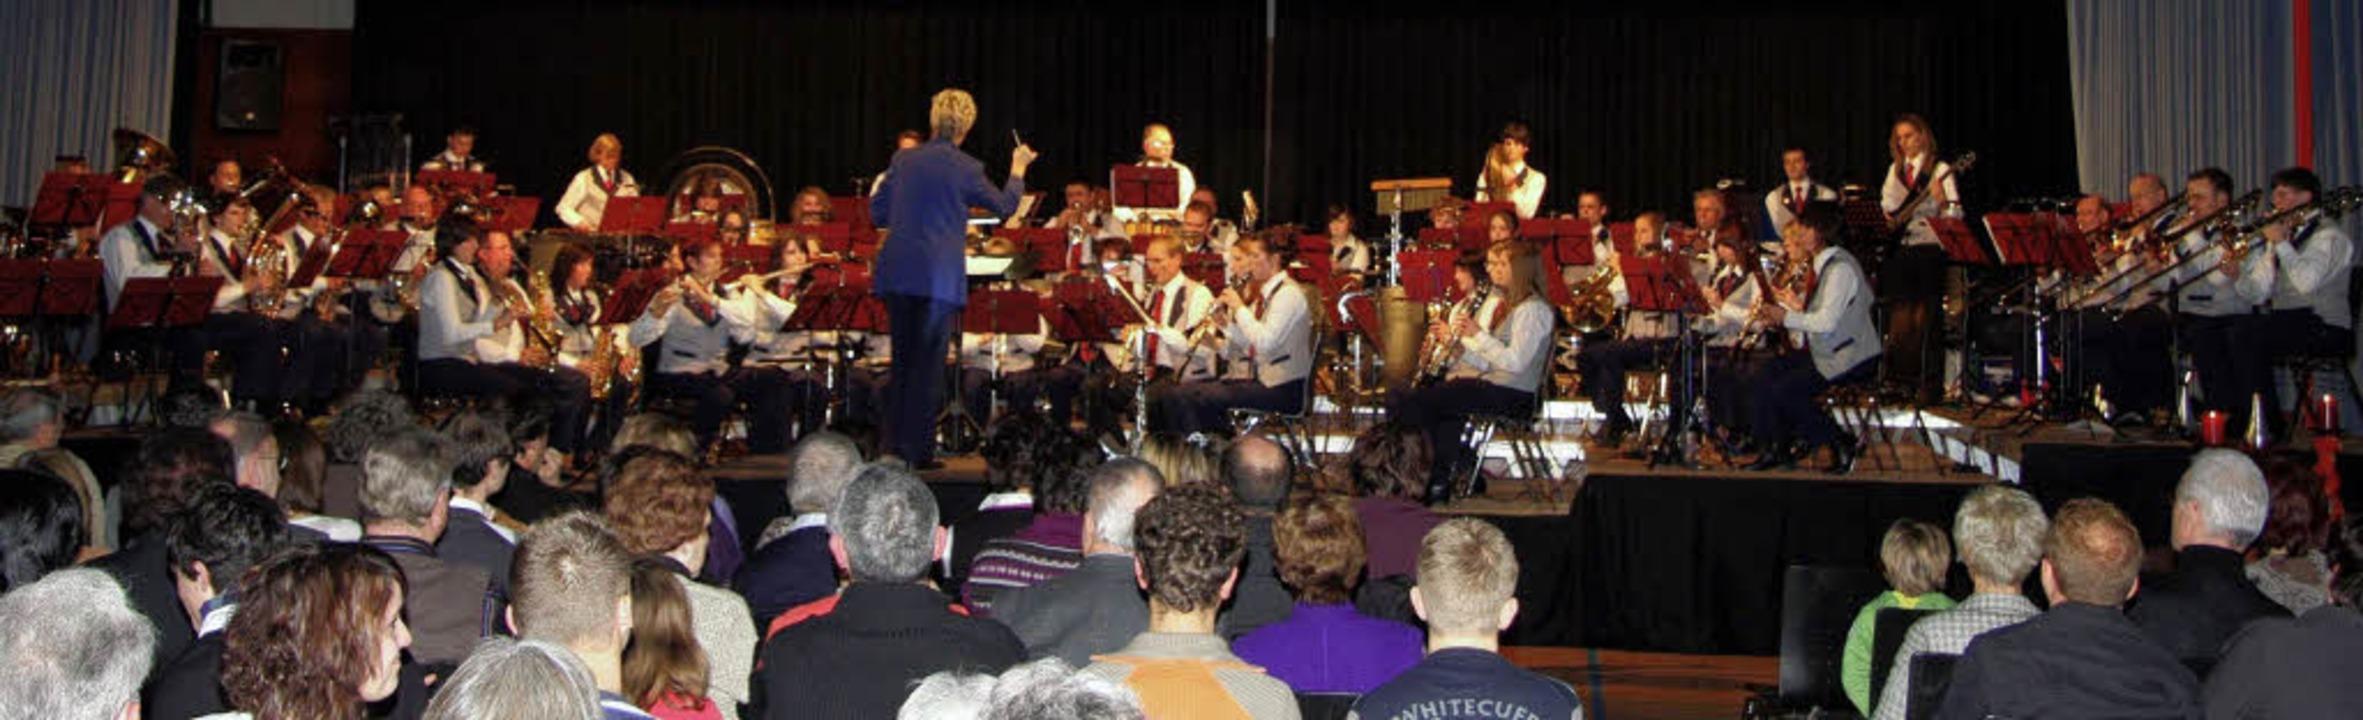 Ein eindrucksvolles Doppelkonzert erle... Besucher in der Riegeler Römerhalle.   | Foto: Helmut Hassler